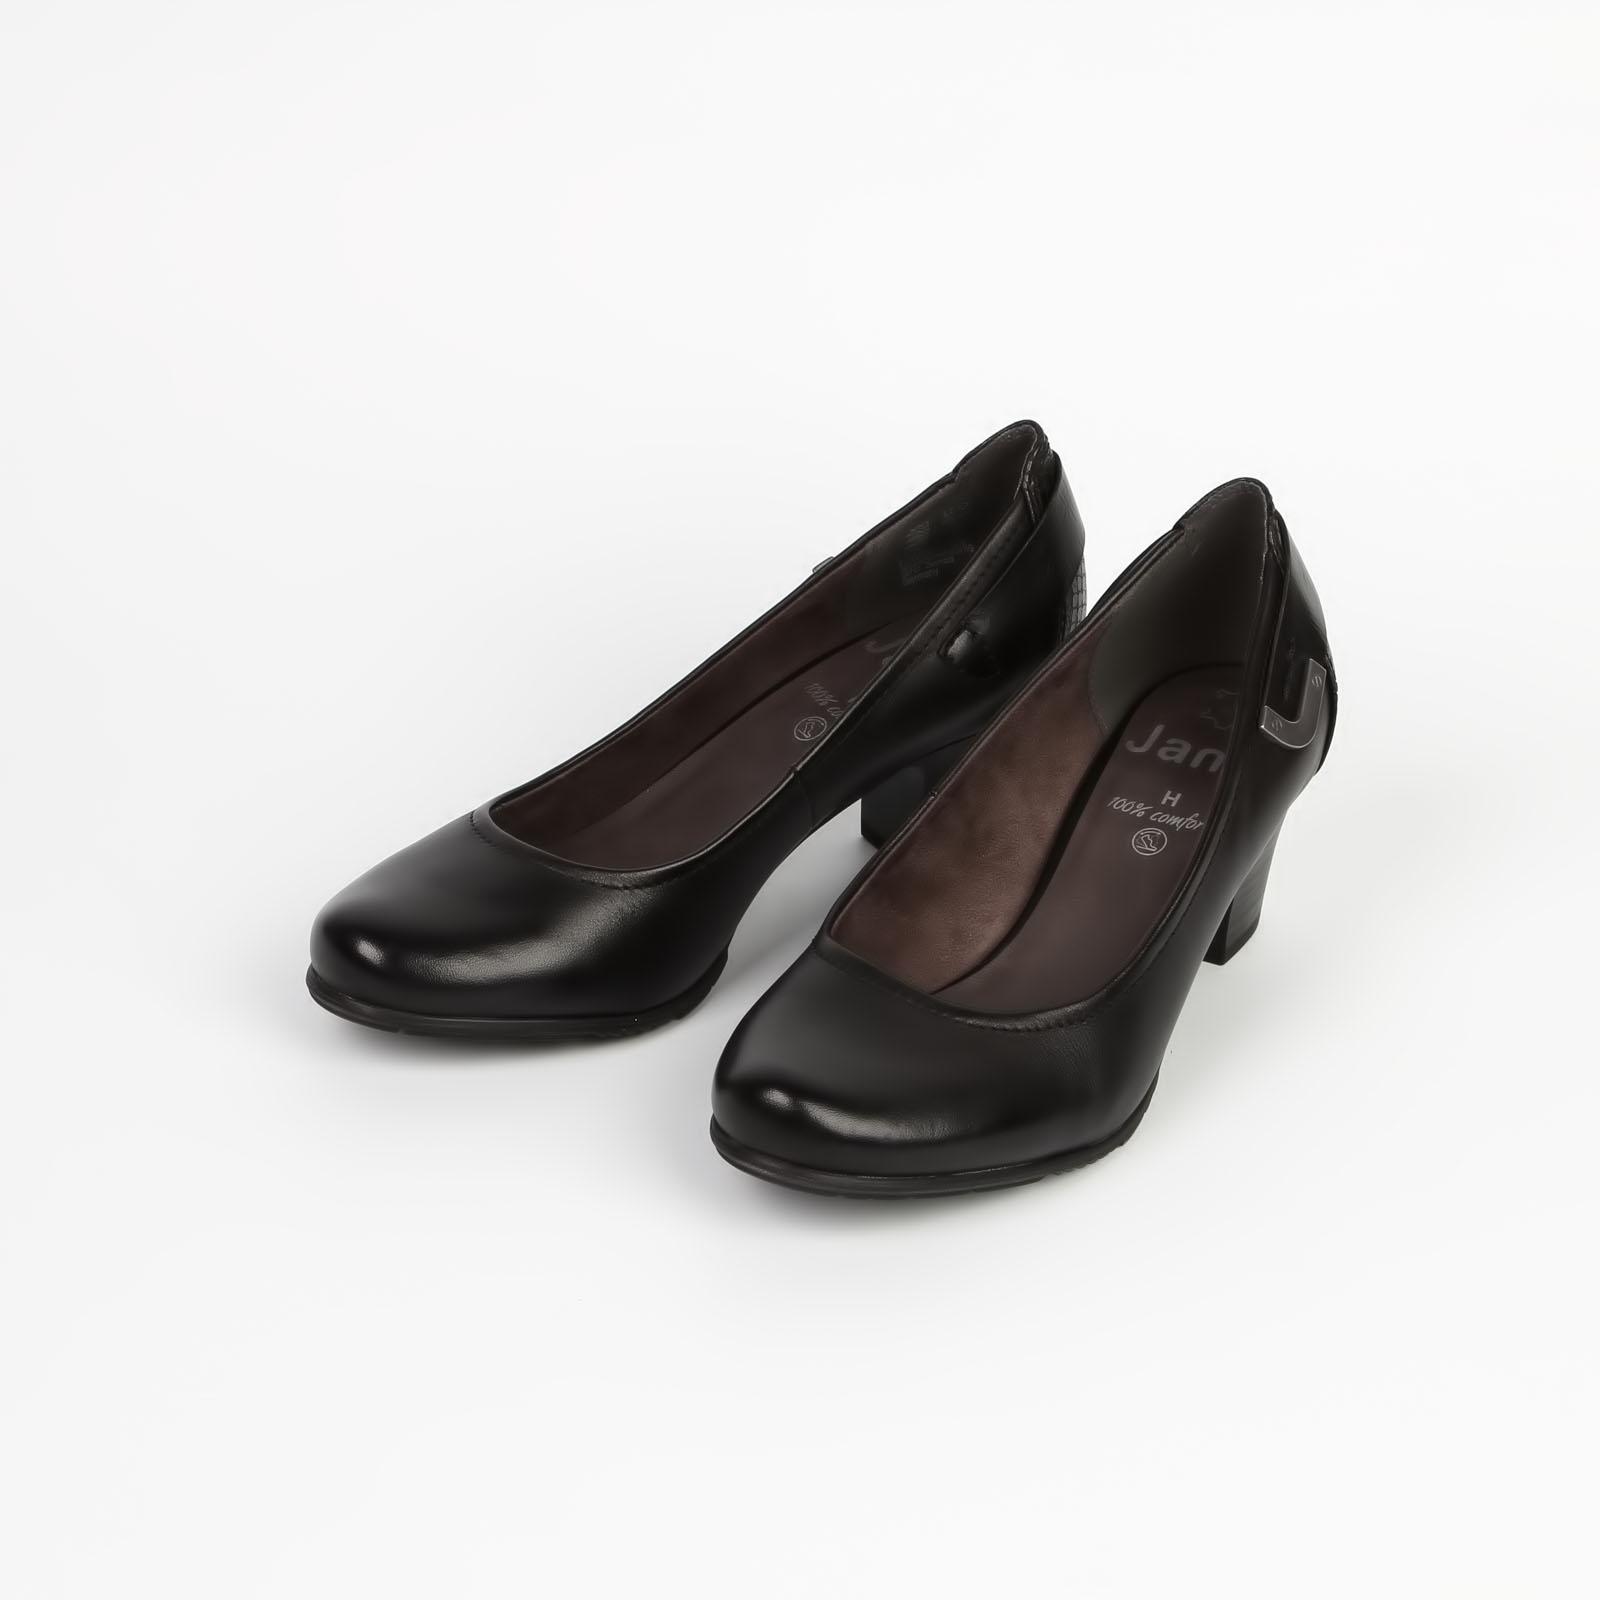 Лодочки женские классические из натуральной кожи на устойчивом каблуке